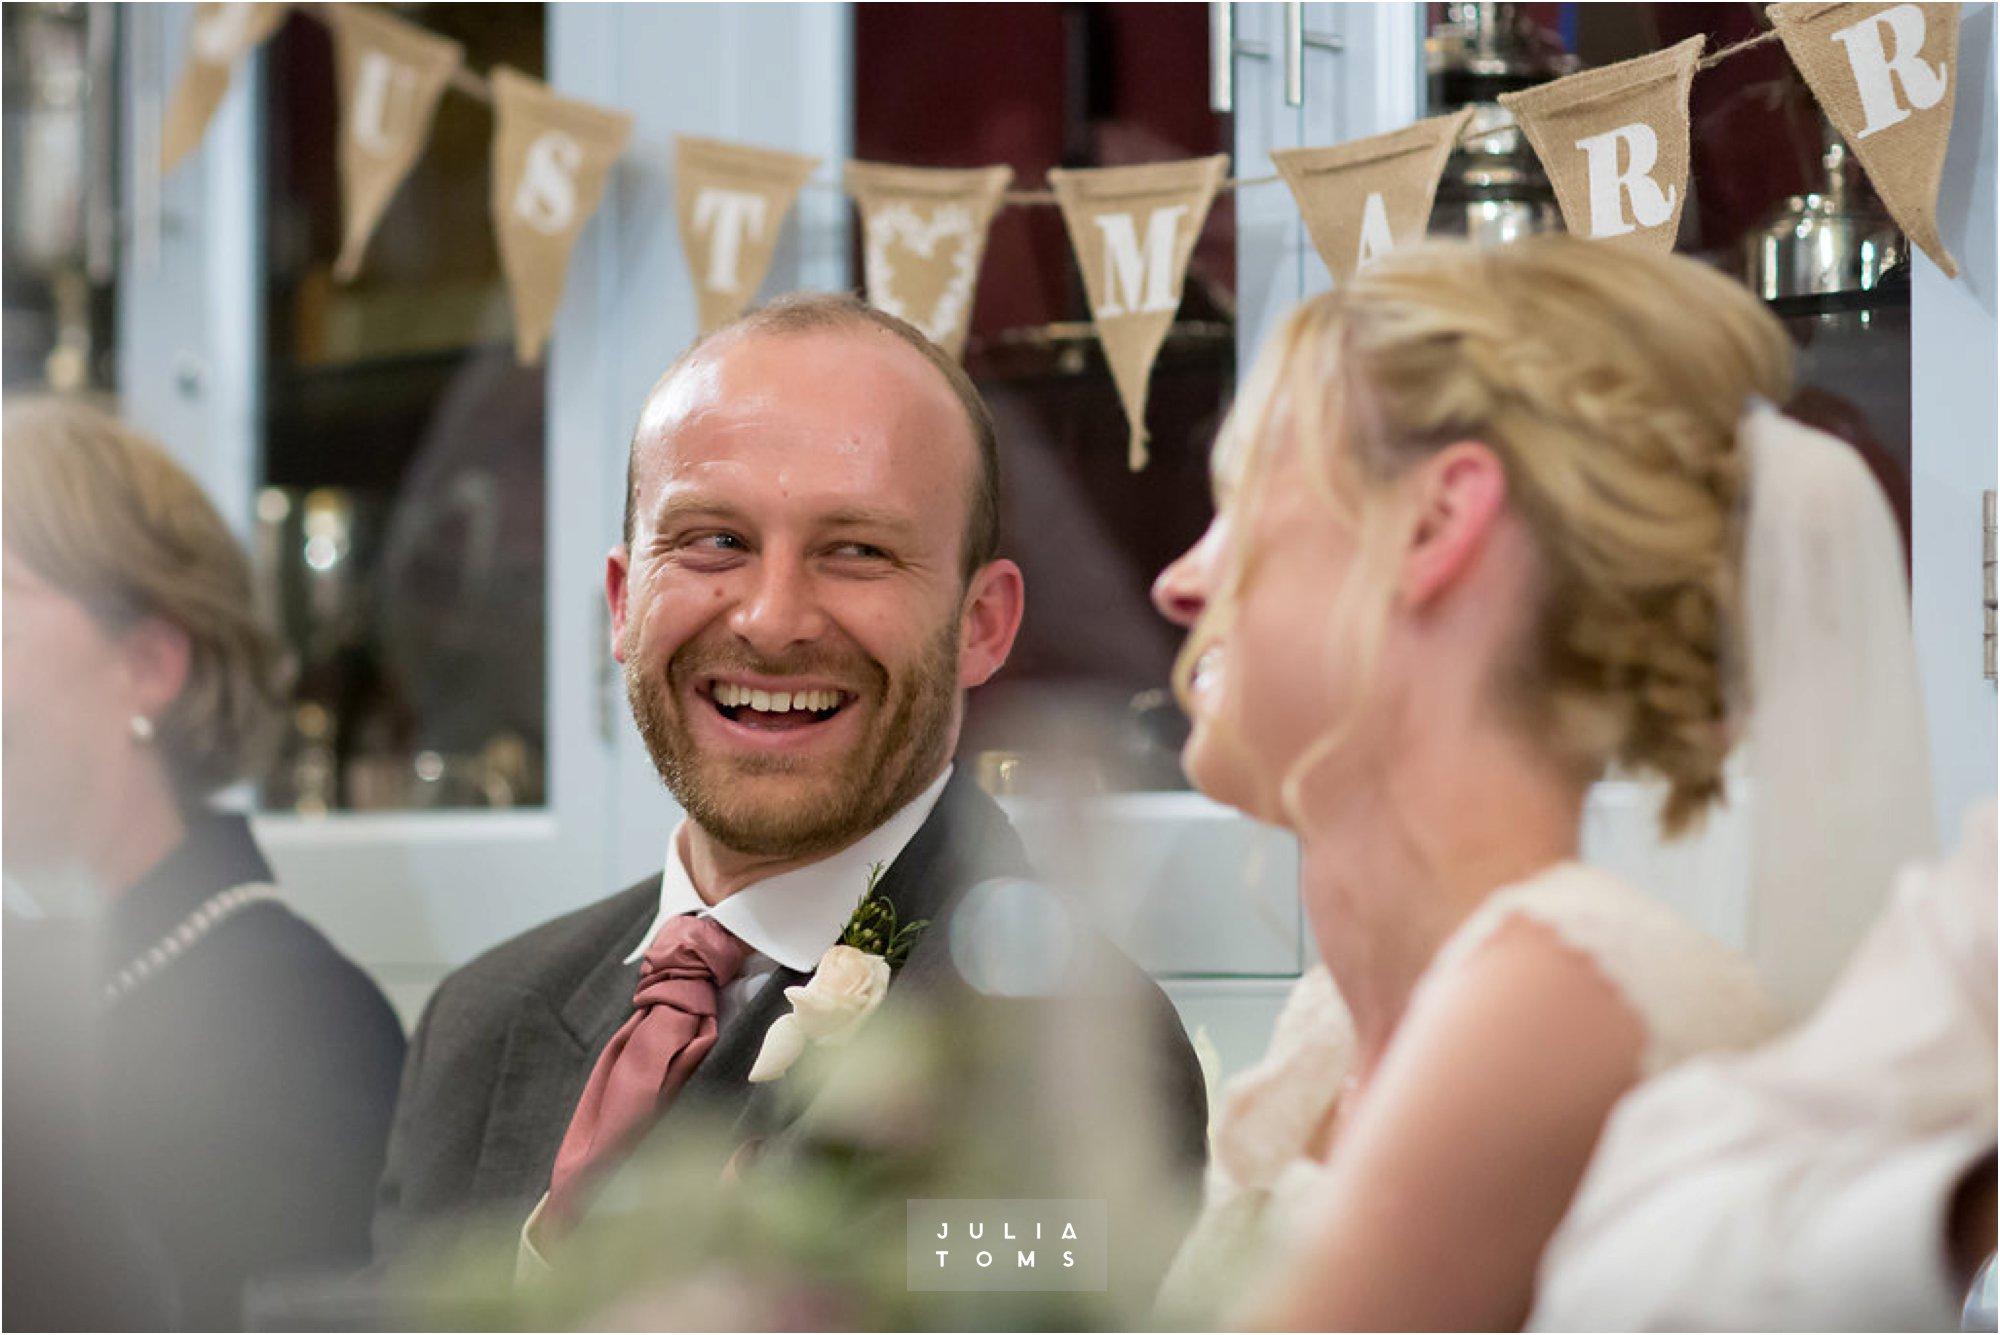 itchenor_wedding_chichester_photographer_085.jpg